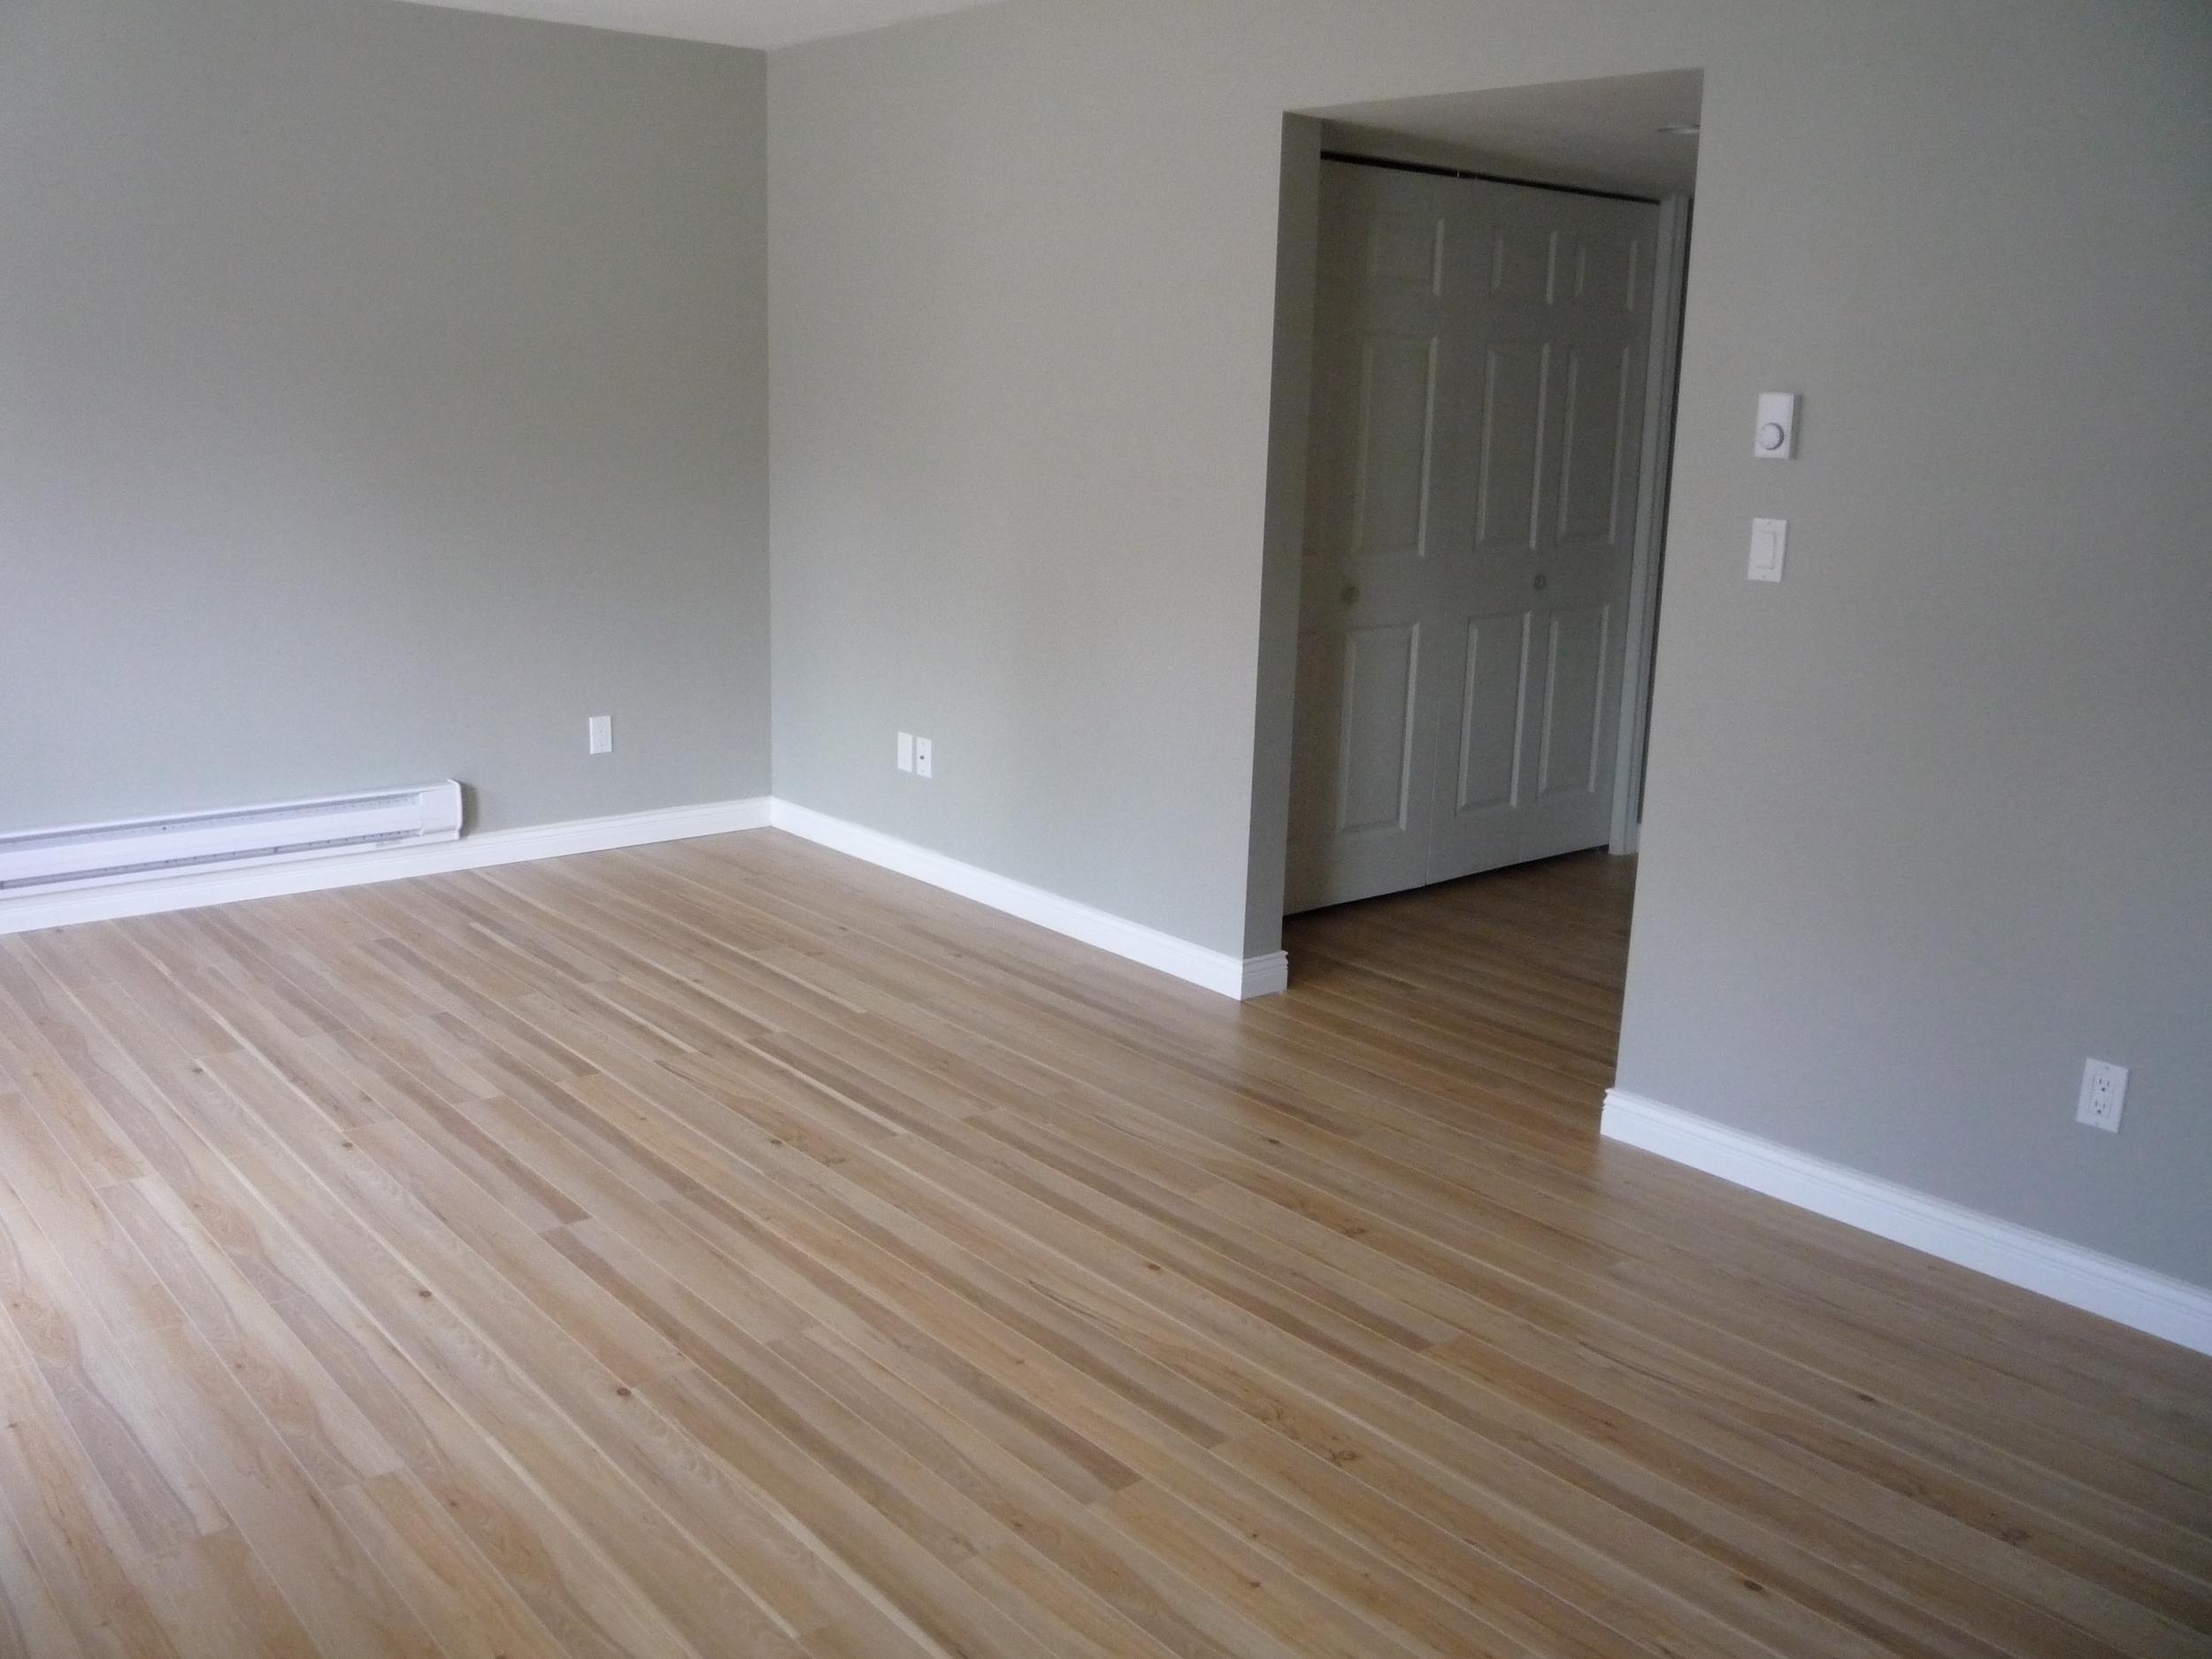 Laminate Wood-Like Durable Flooring